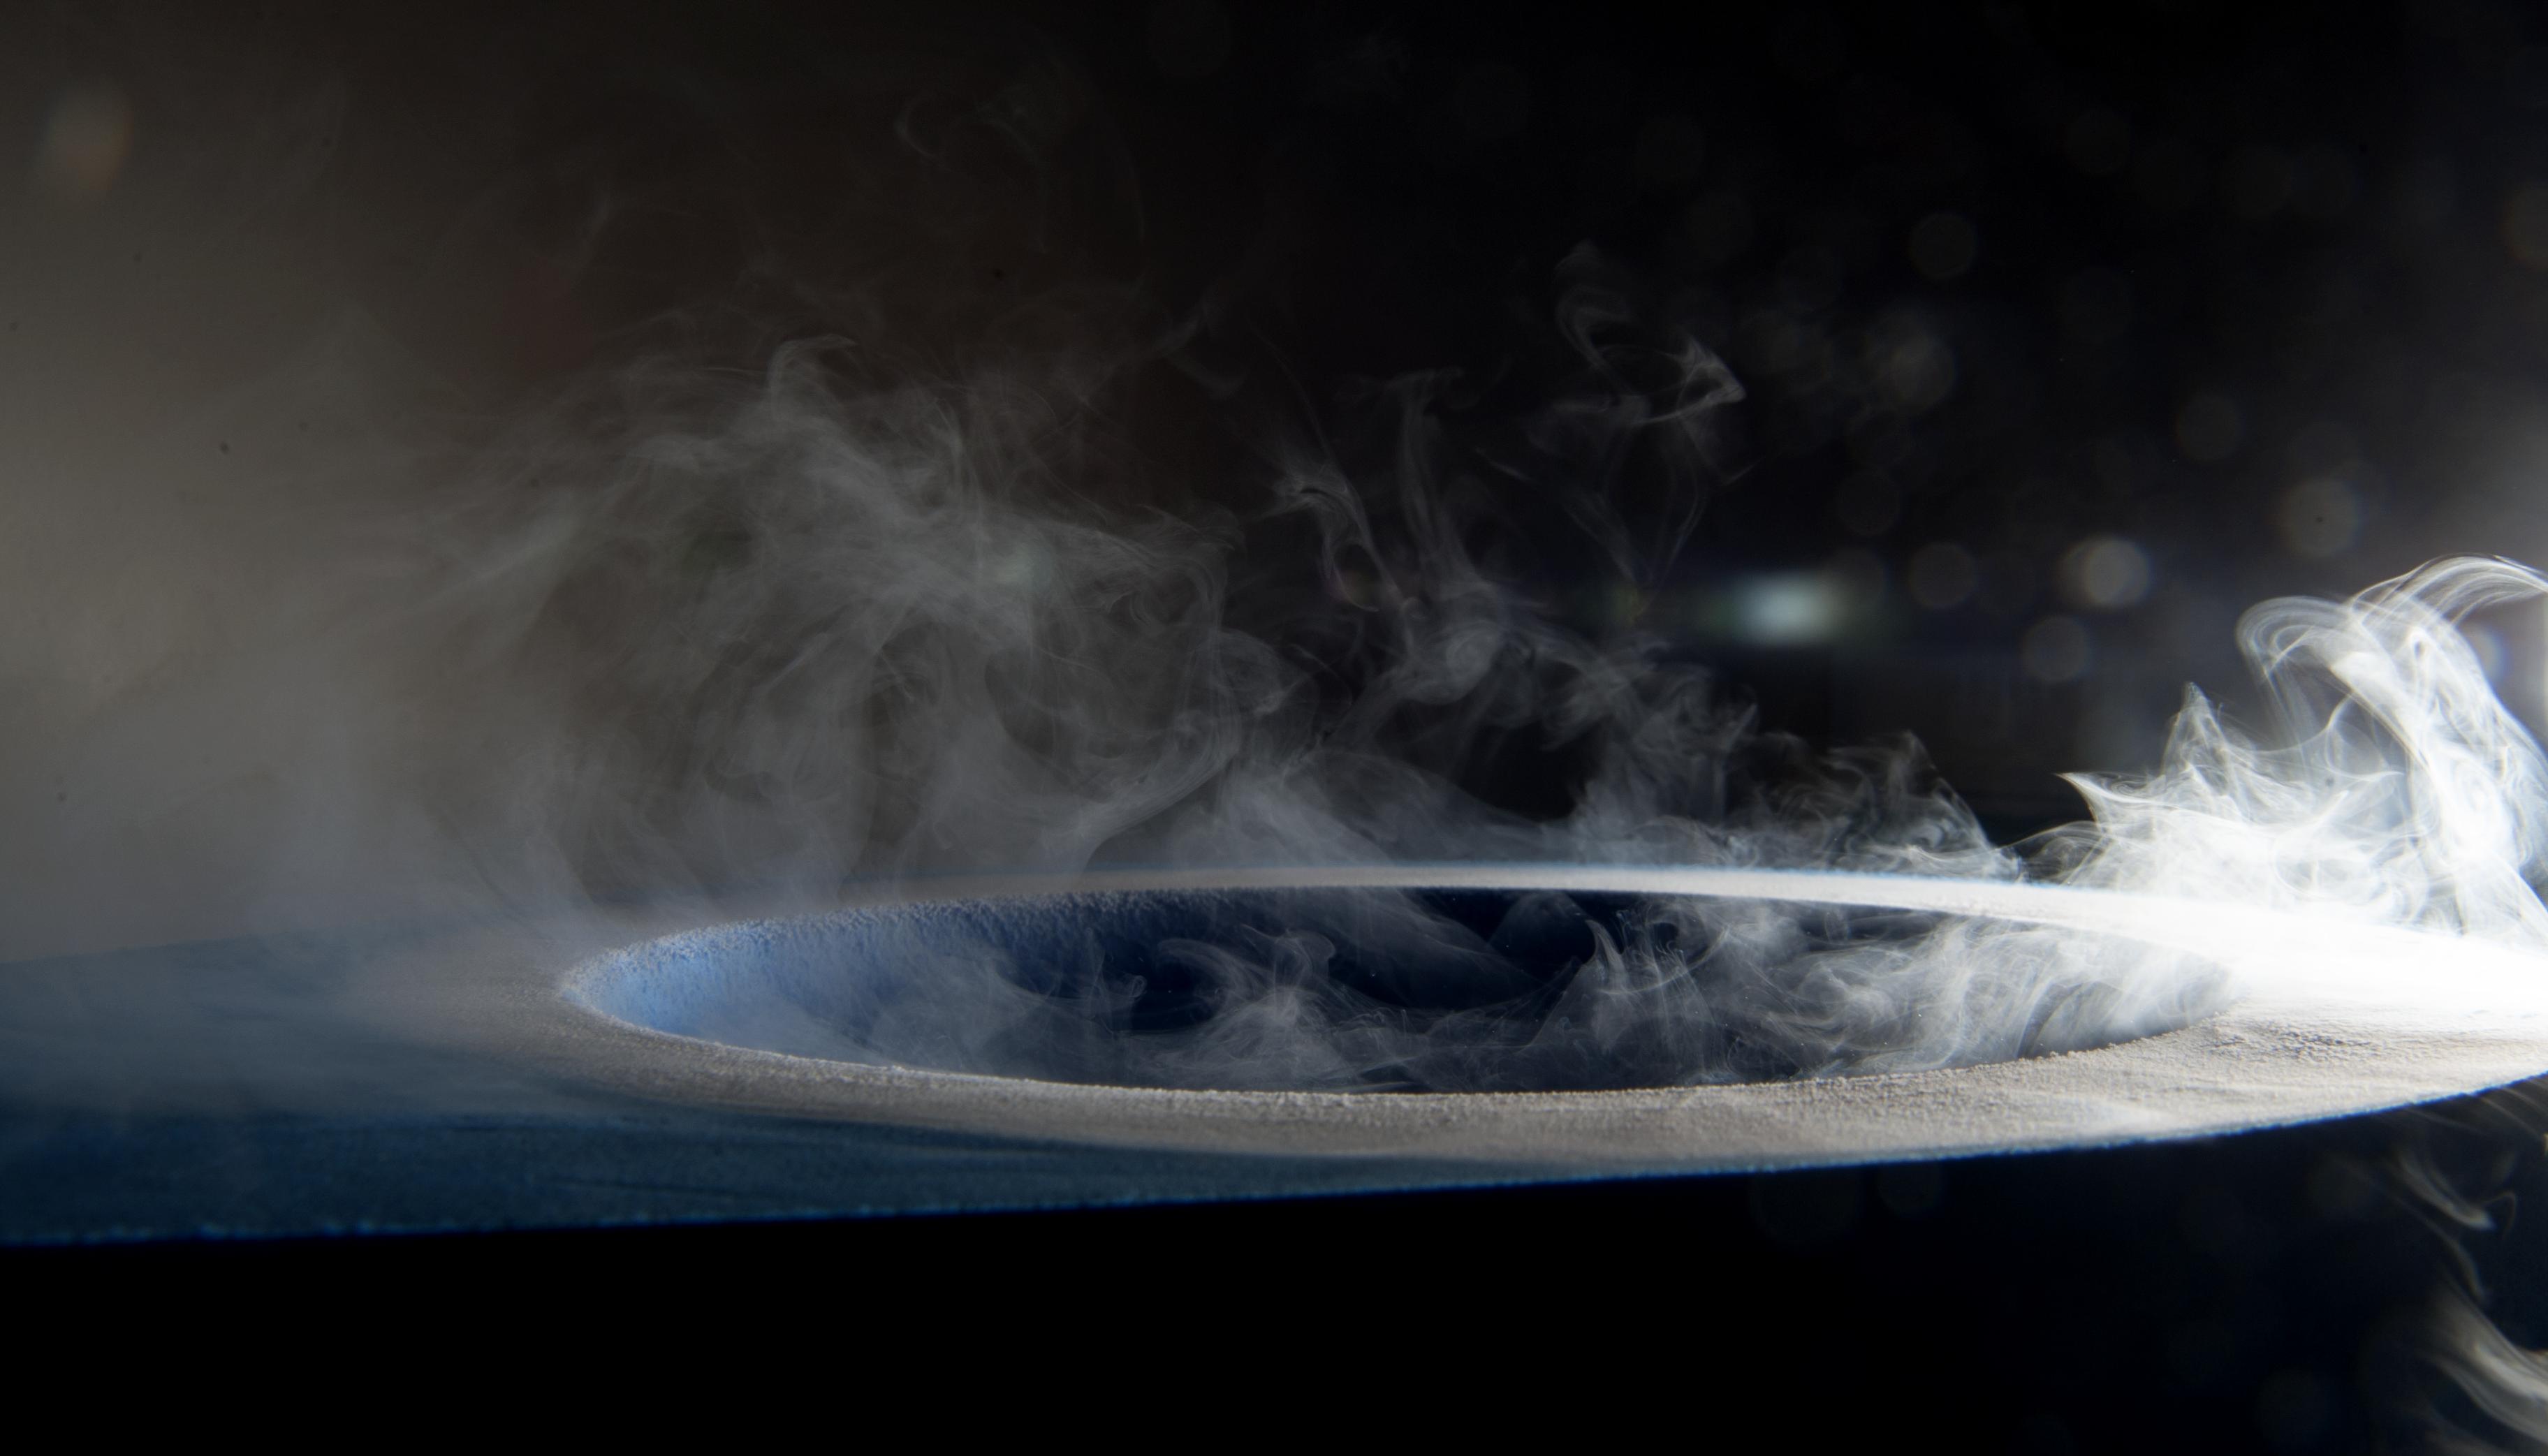 Crystal freezing in liquid N2